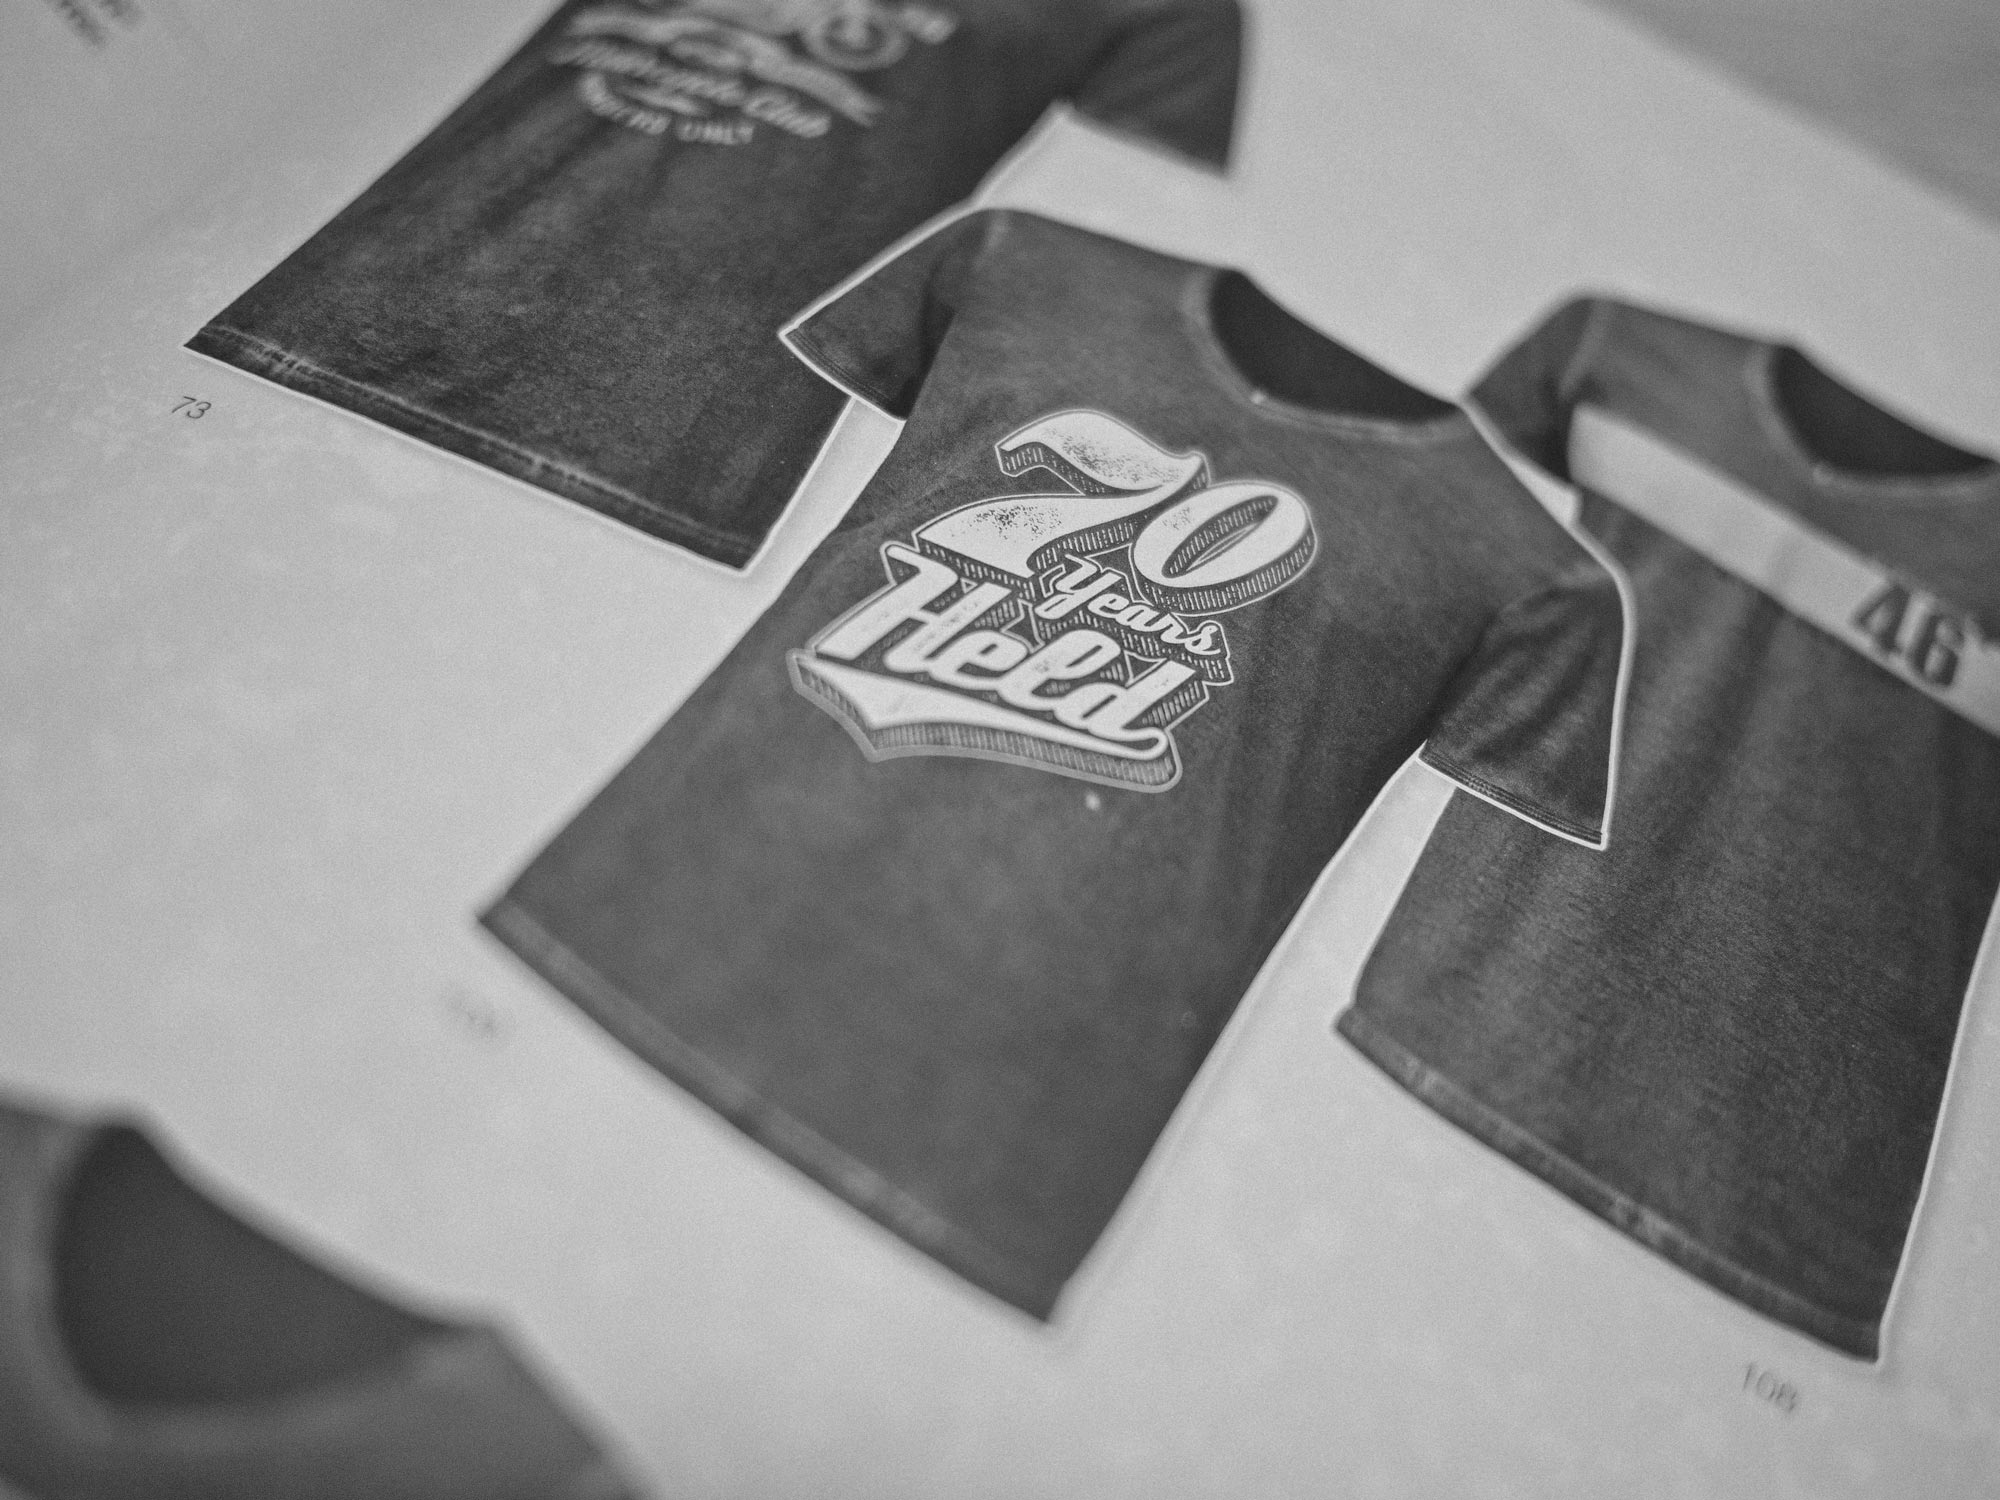 Man sieht ein Foto mit den 3 T-Shirt-Designs zu 70 Jahre HELD Bikerfashion. Die Designs sind von MAJORMAJOR aus Stuttgart.